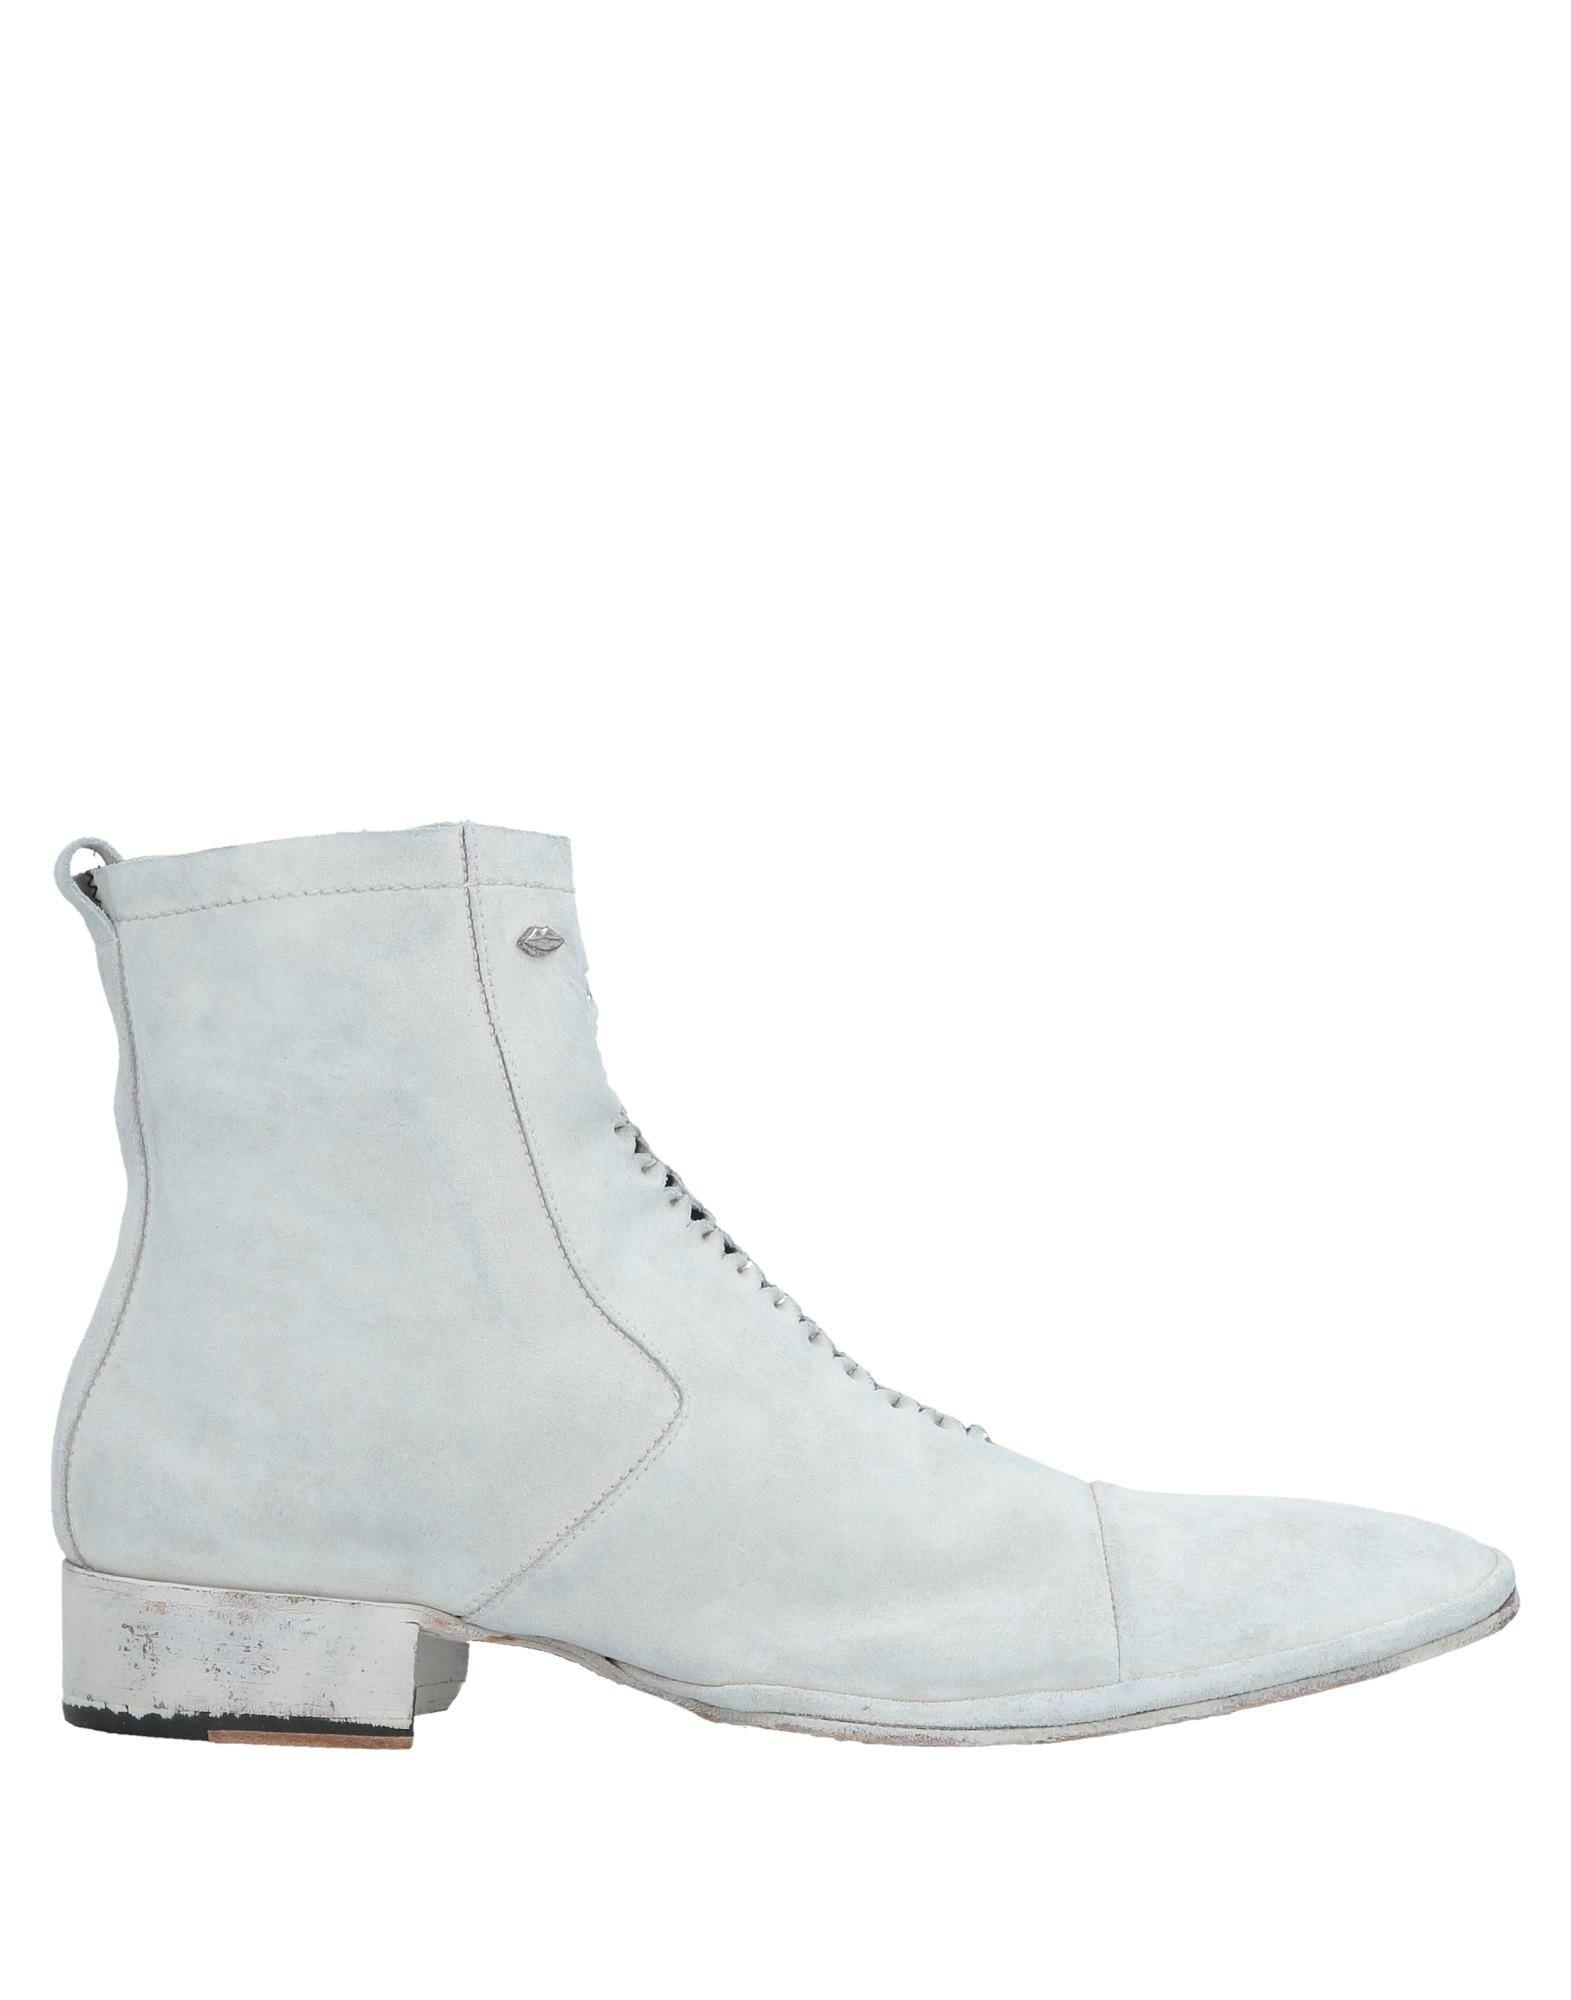 Tom Rebl Stiefelette Herren  11516292XD Gute Qualität beliebte Schuhe